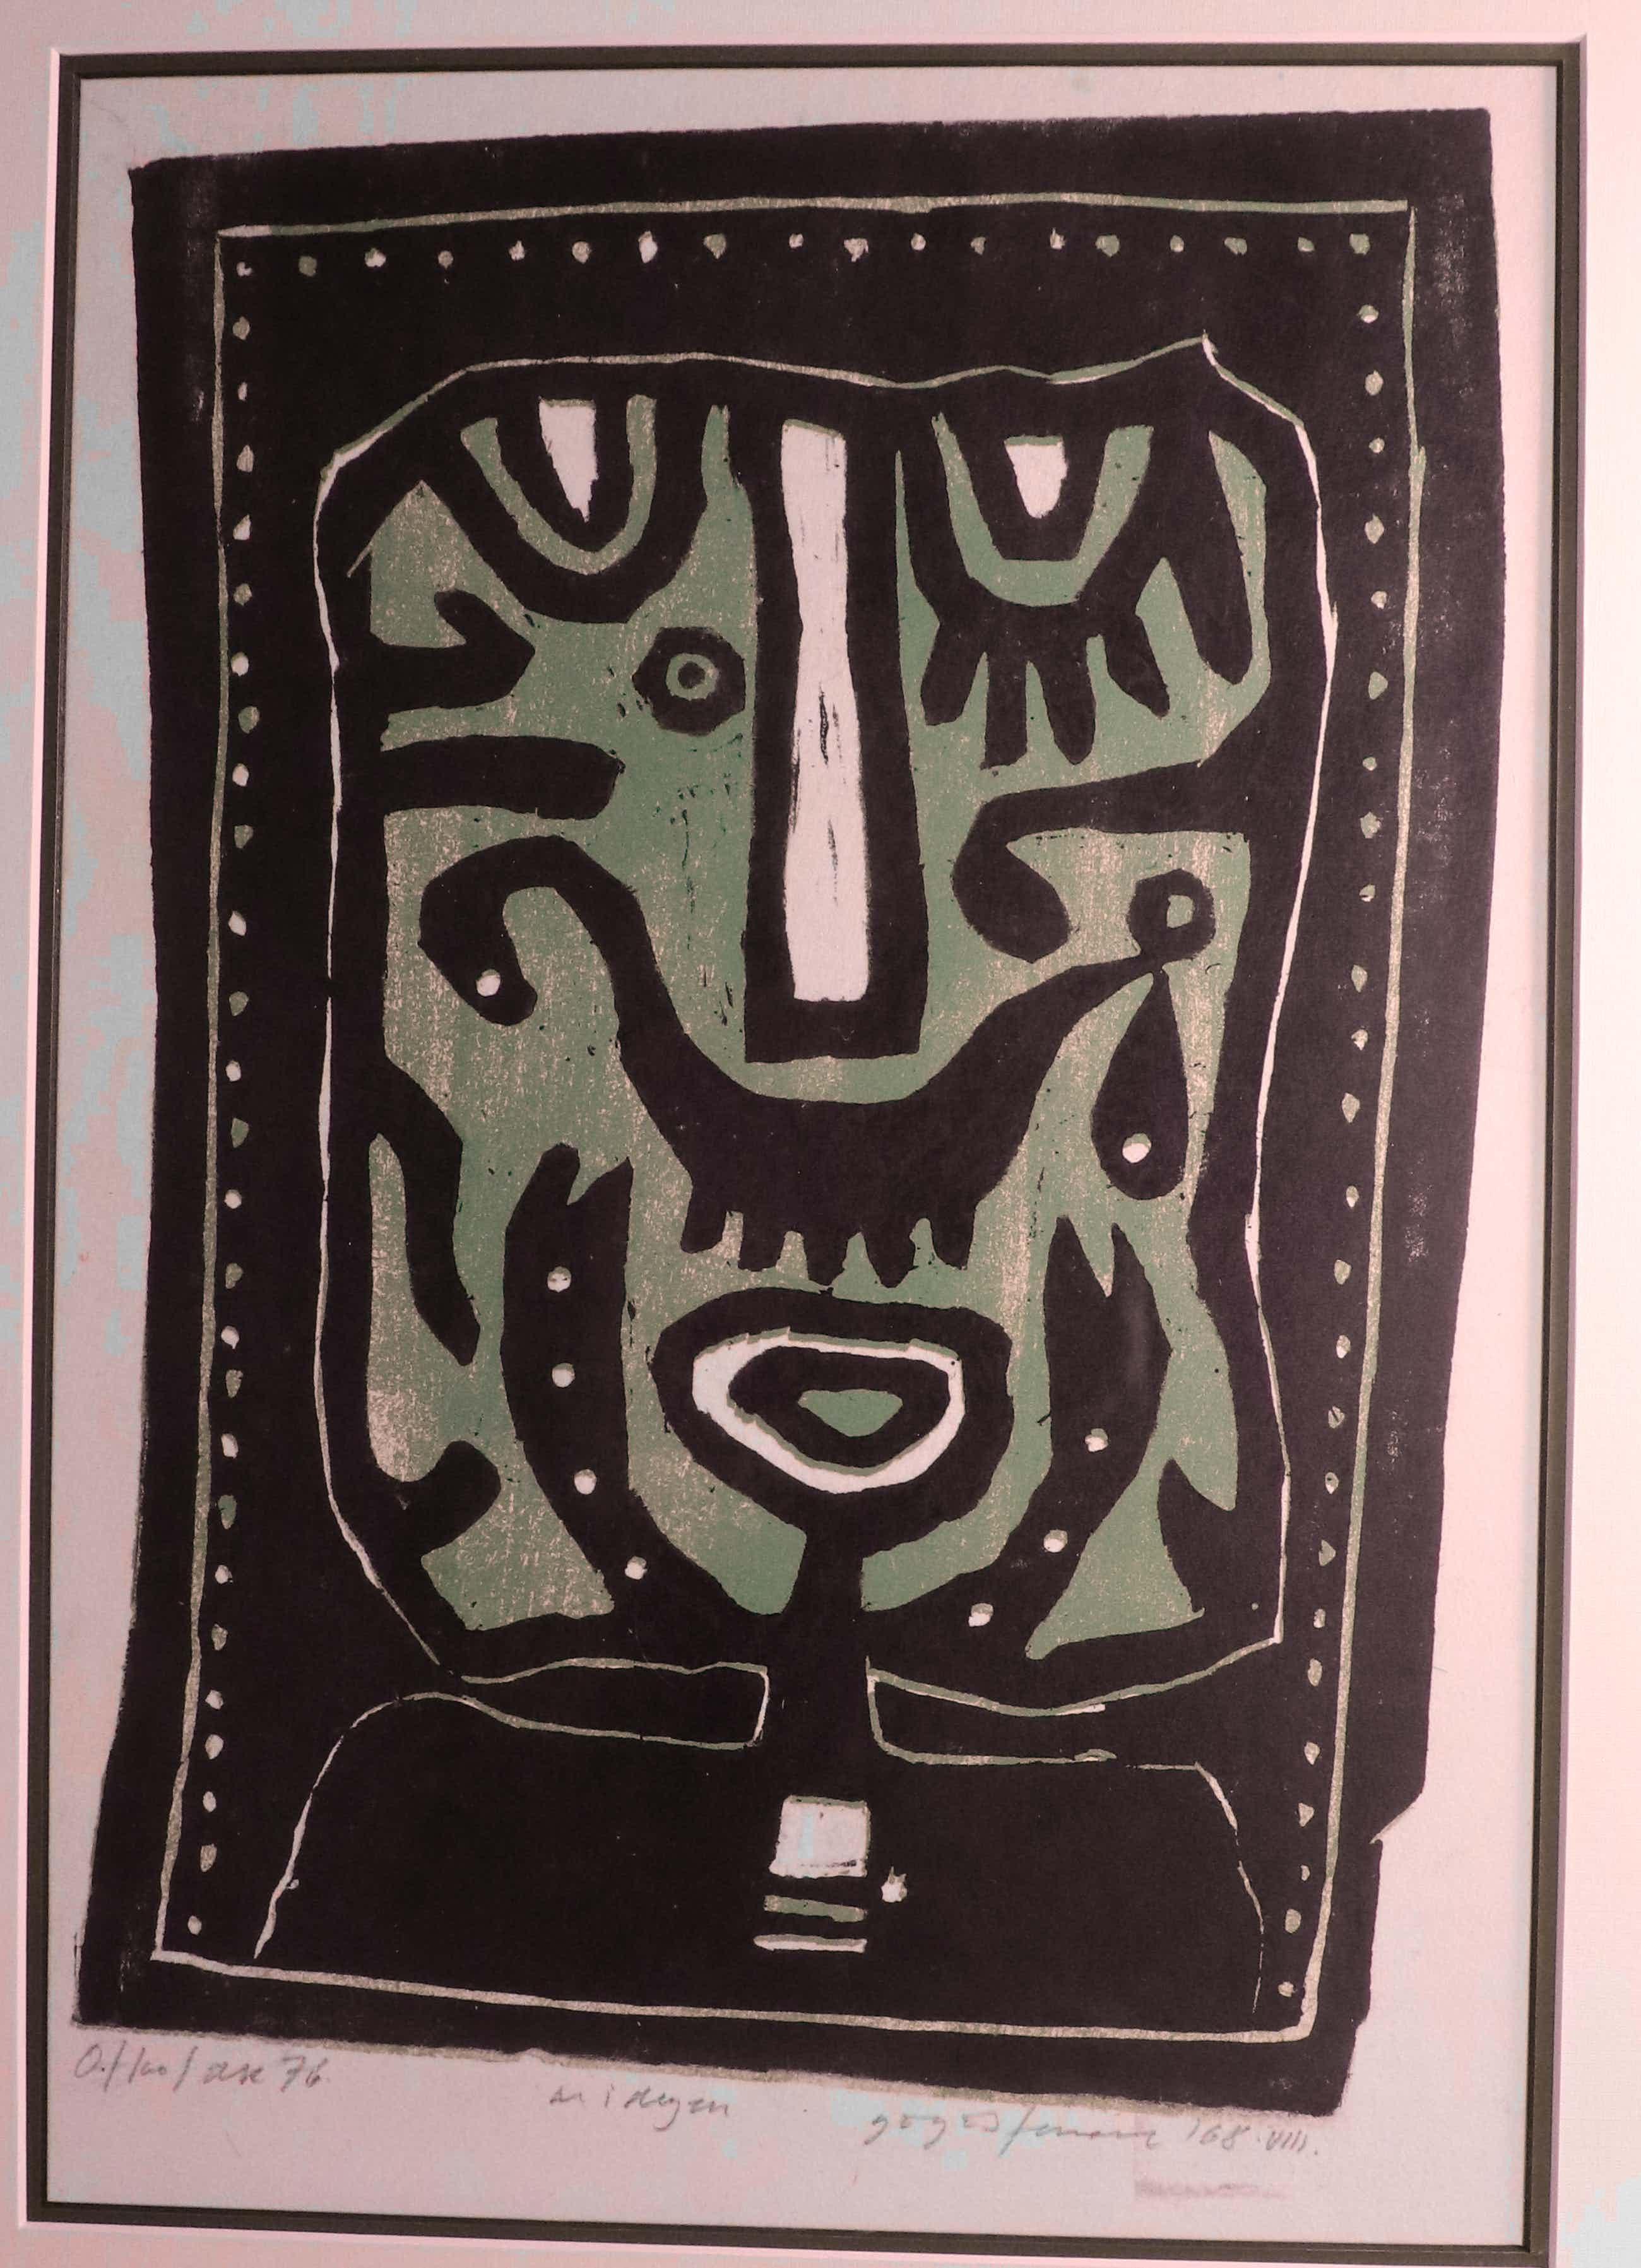 Ferenc Gogos - Abstracte compositie kopen? Bied vanaf 75!